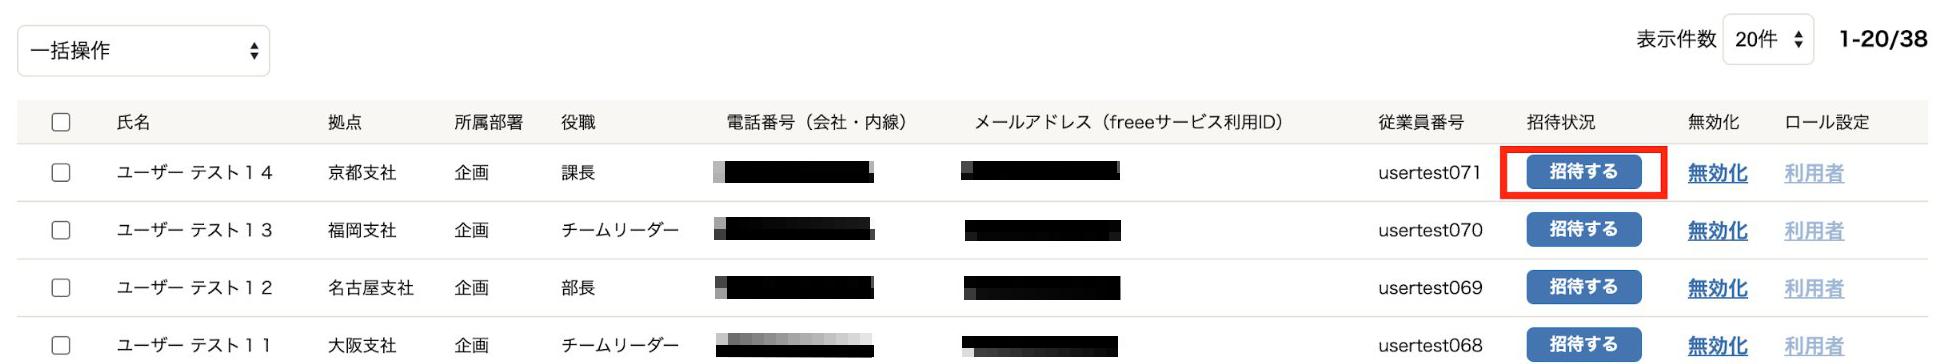 従業員基本情報一覧画面の招待状況欄にある[招待する]ボタンを指し示しているスクリーンショット